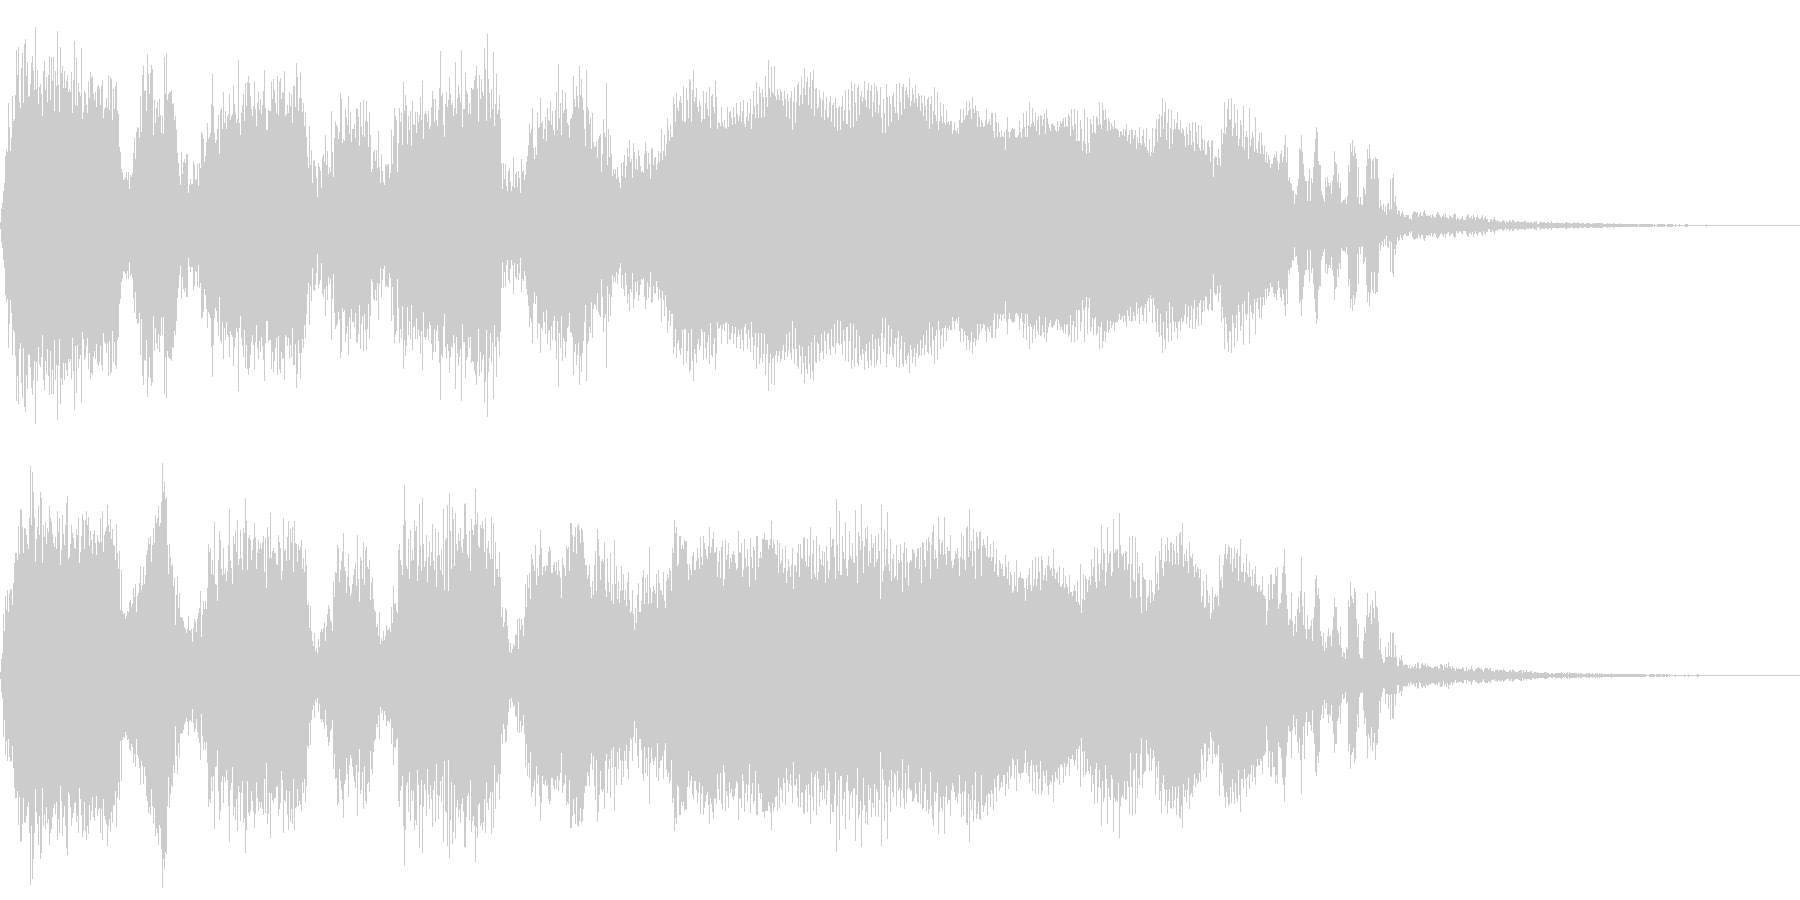 失敗時のファンファーレ1の未再生の波形